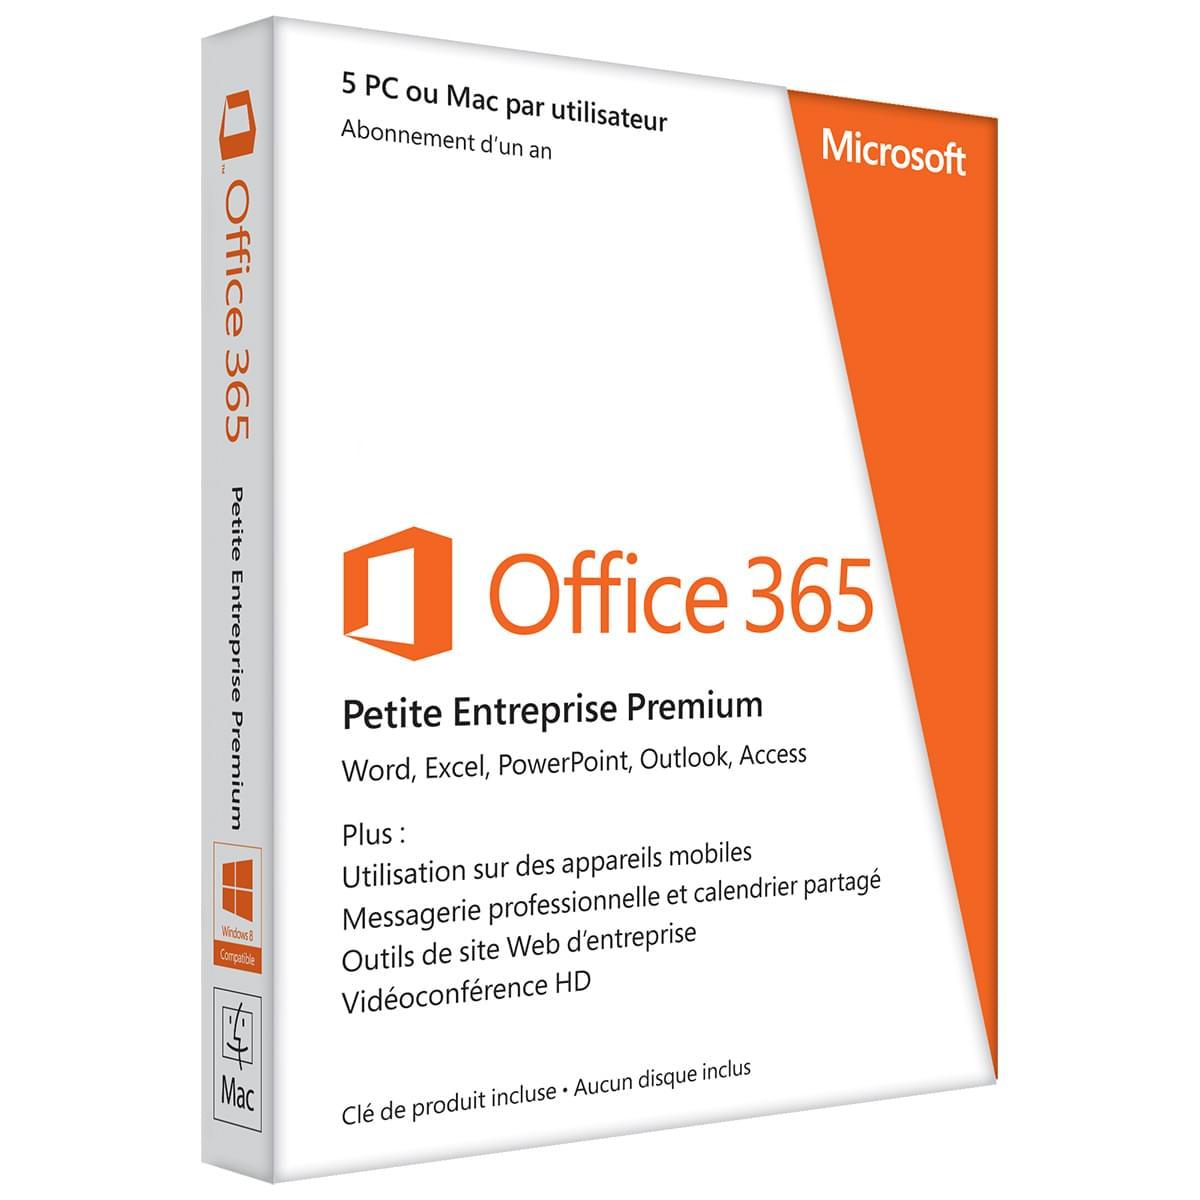 Microsoft Office 365 Small Business Premium 1 an (AAA-04580) - Achat / Vente Logiciel suite bureautique sur Cybertek.fr - 0